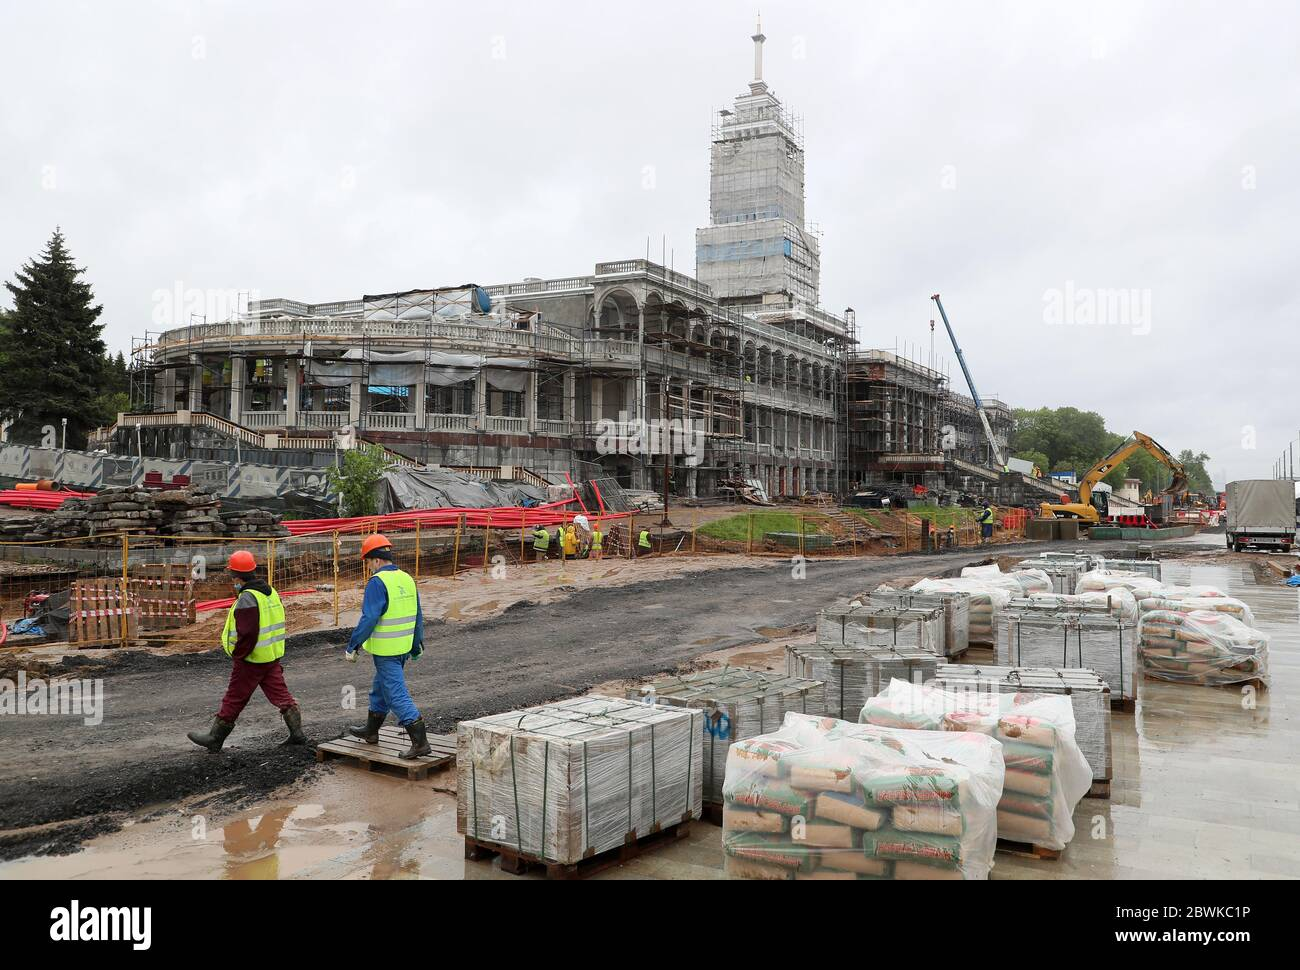 Moskau, Russland. Juni 2020. Arbeiter werden auf der Baustelle des North River Terminals gesehen. Kredit: Gavriil Grigorov/TASS/Alamy Live News Stockfoto